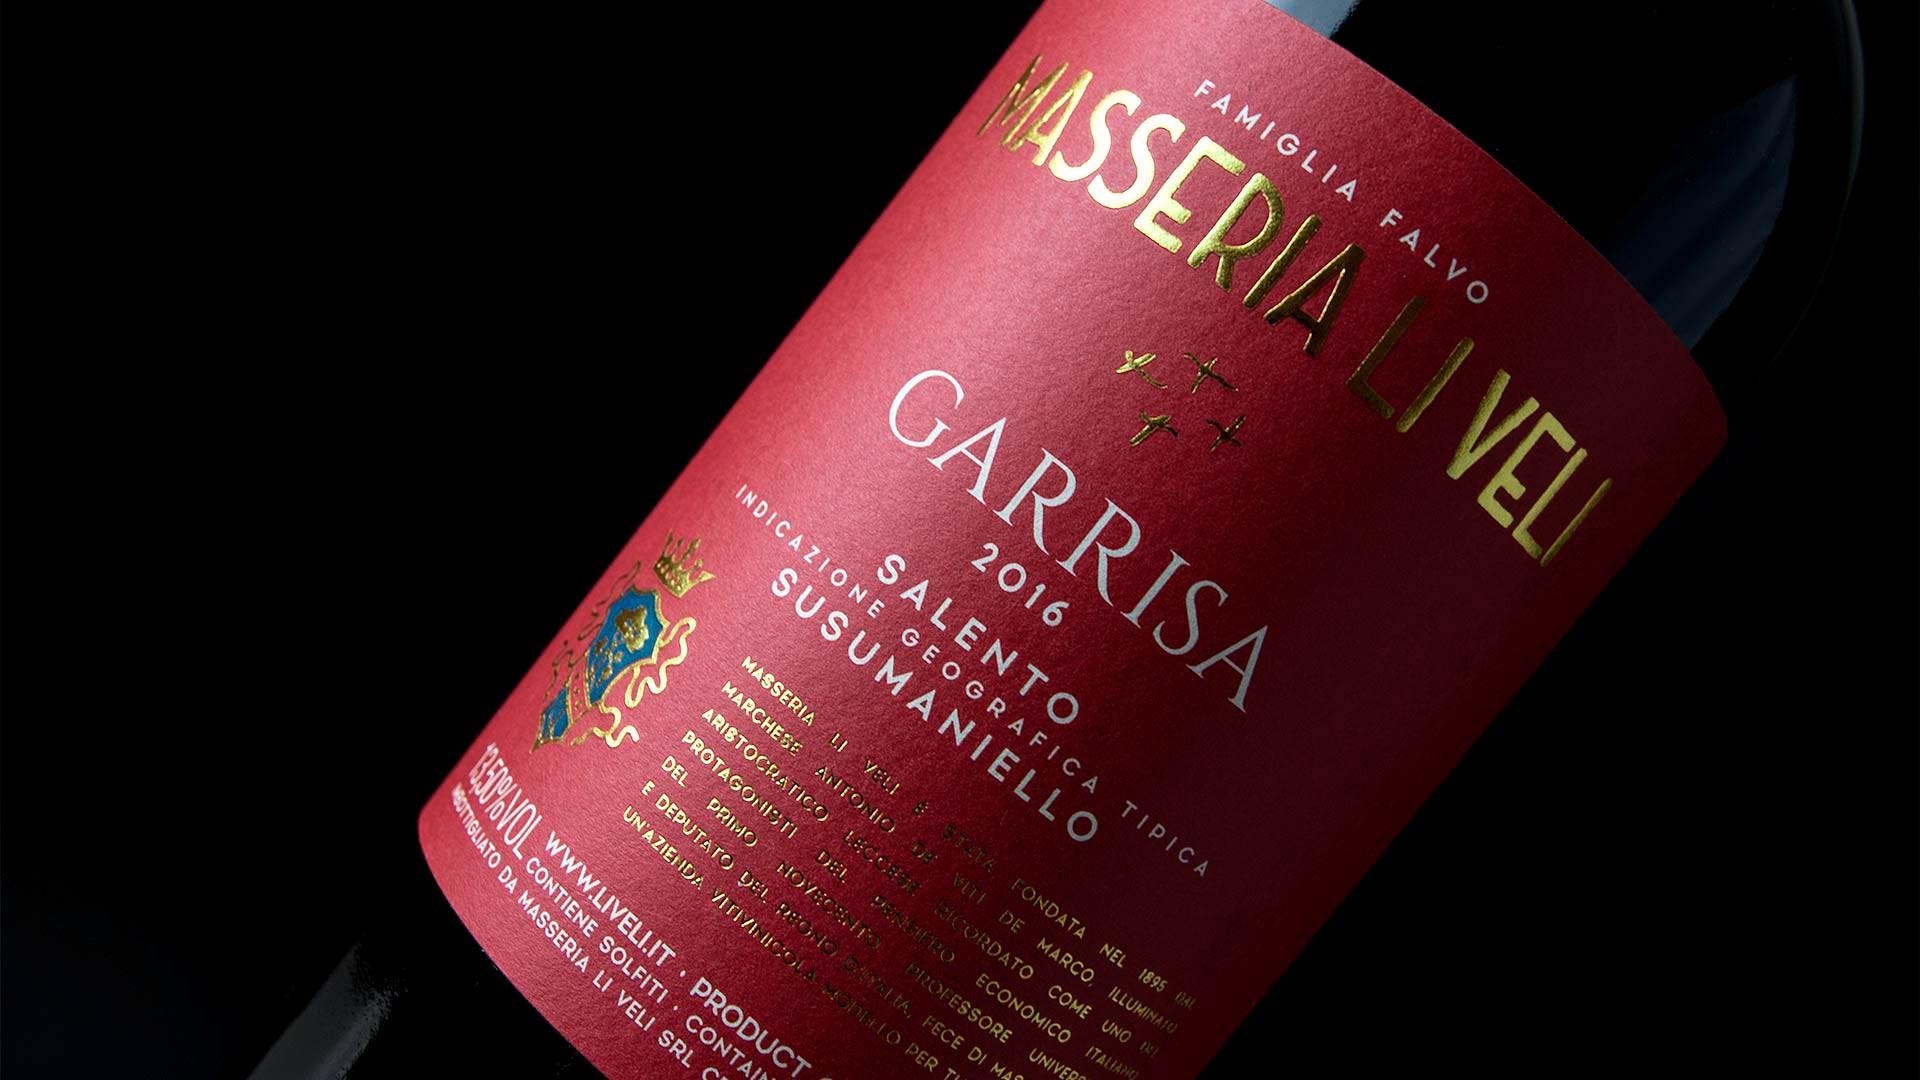 MAD13 Masseria Li Veli Garrisa 1920 - Label Design Etichette vini Masseria Li Veli